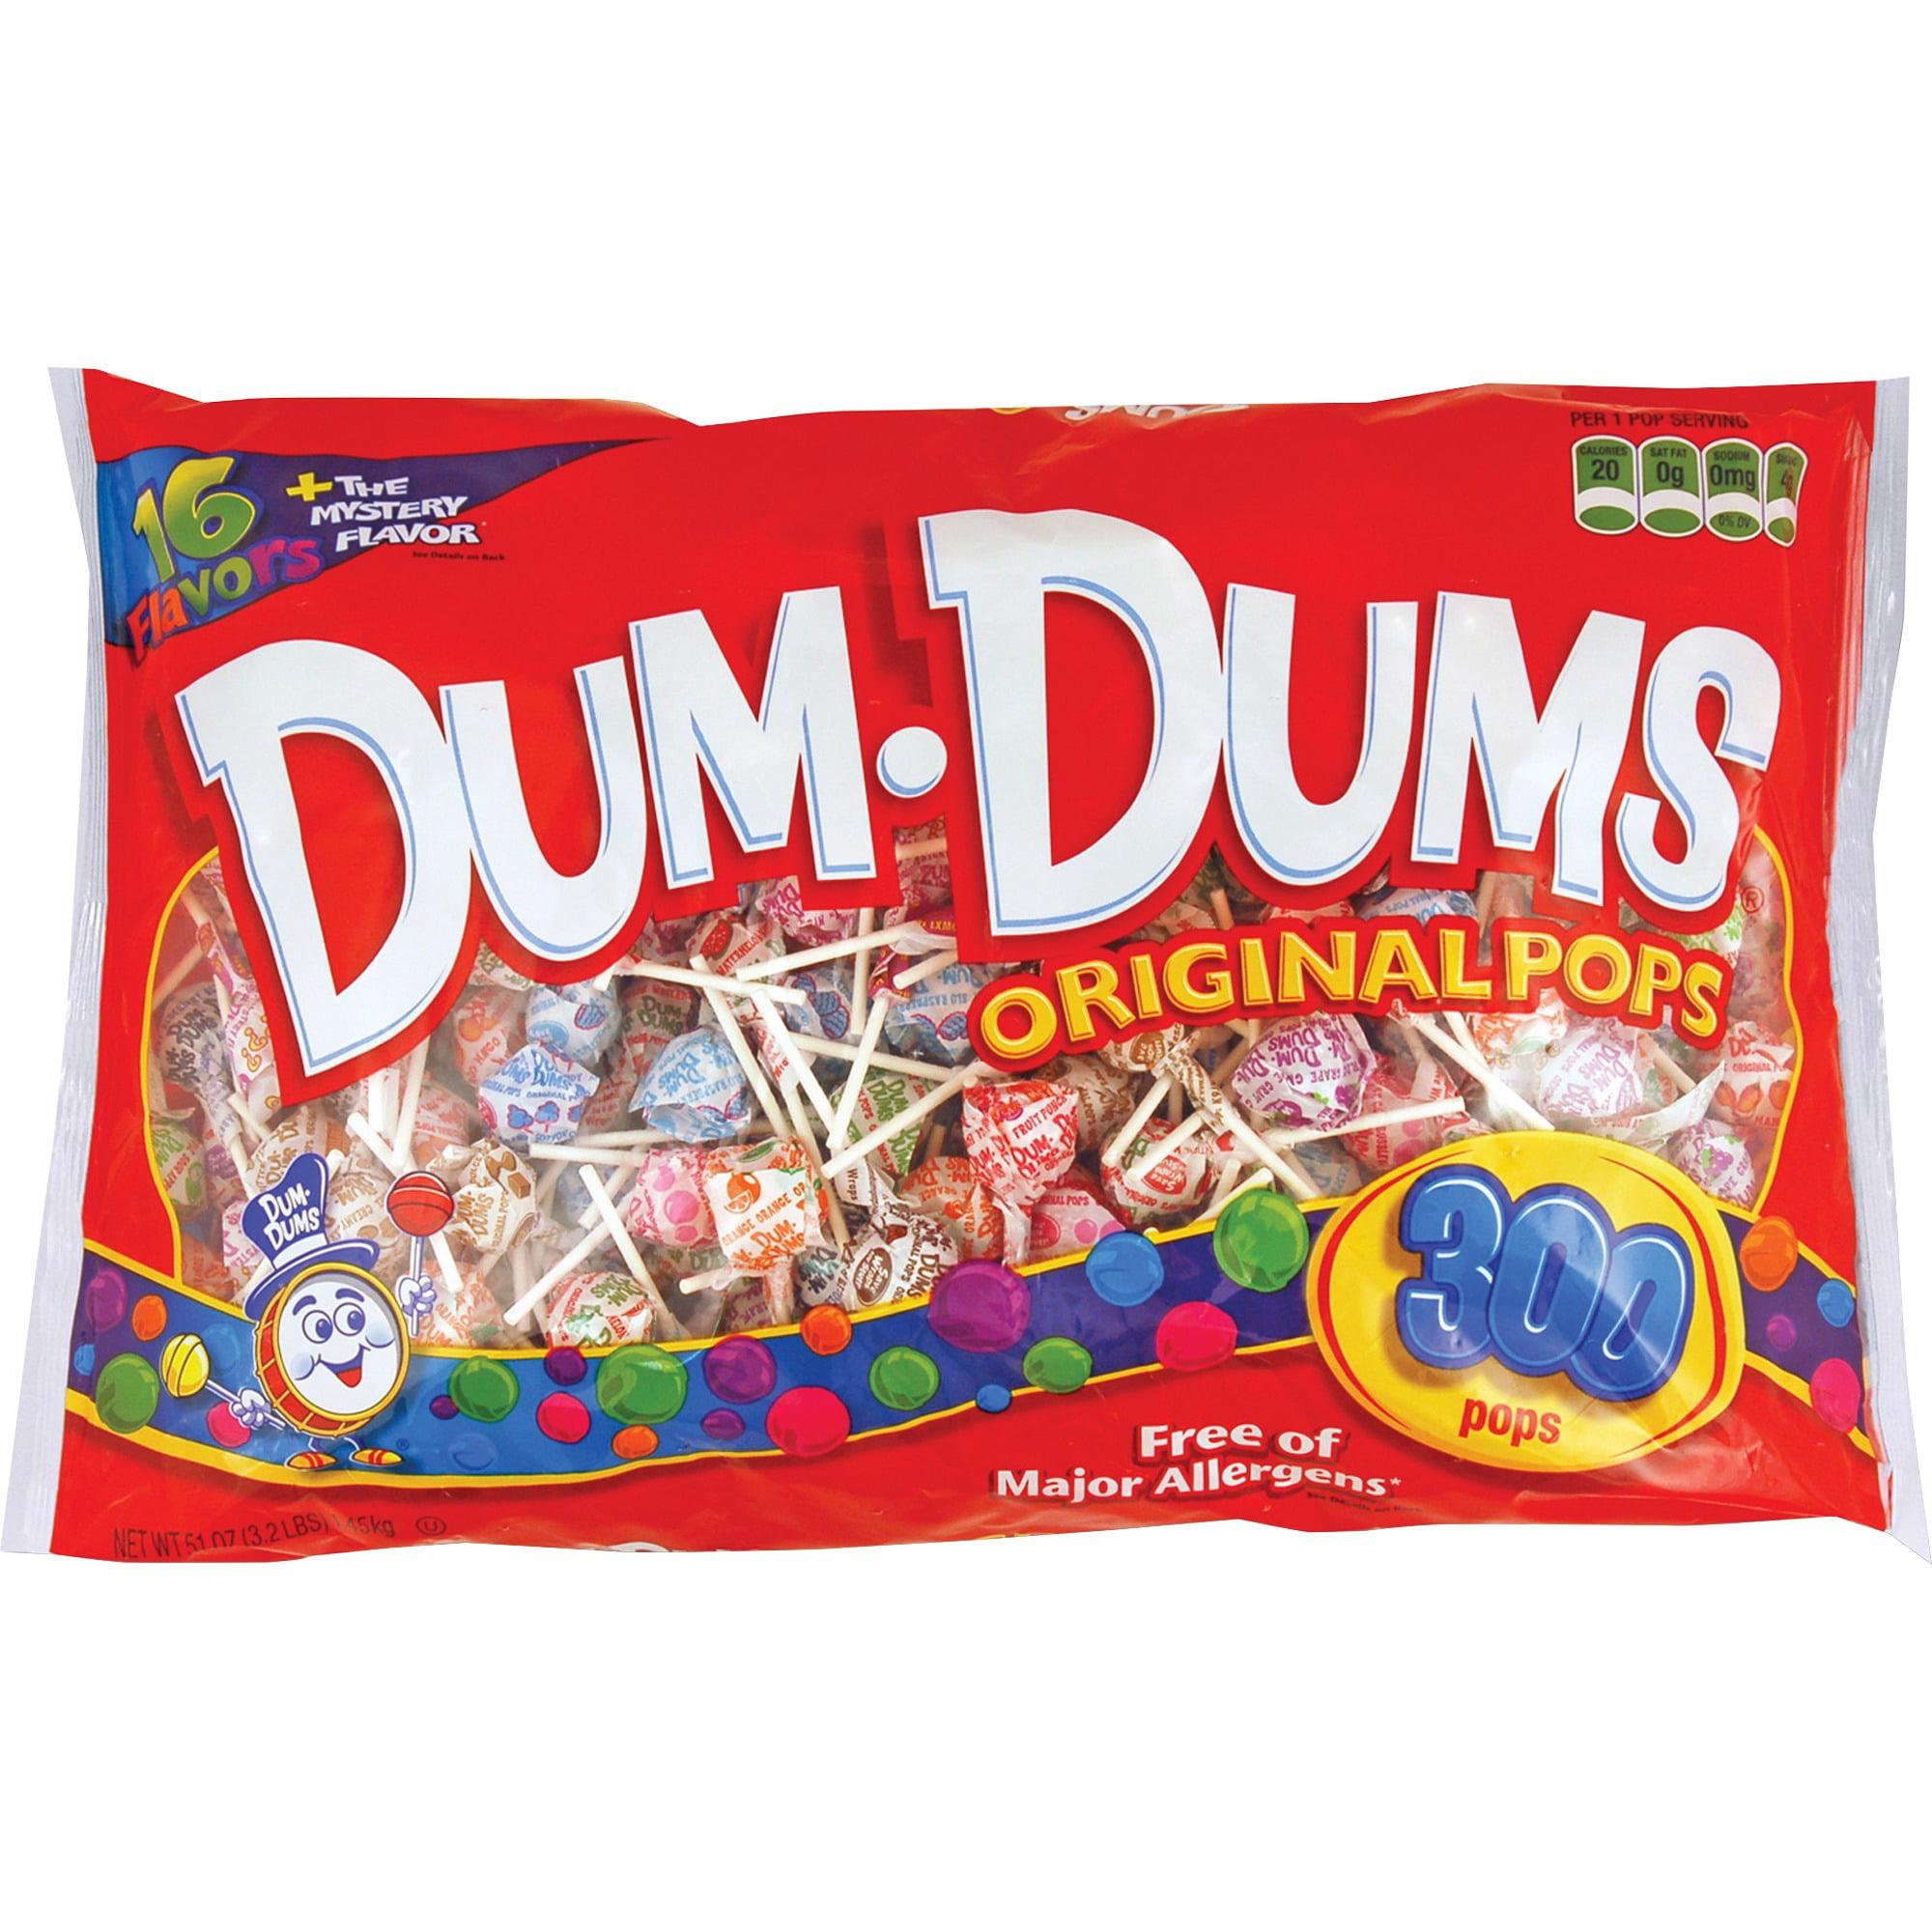 Dum Dum Pops, SPA60, Original Candy, 300 / Bag